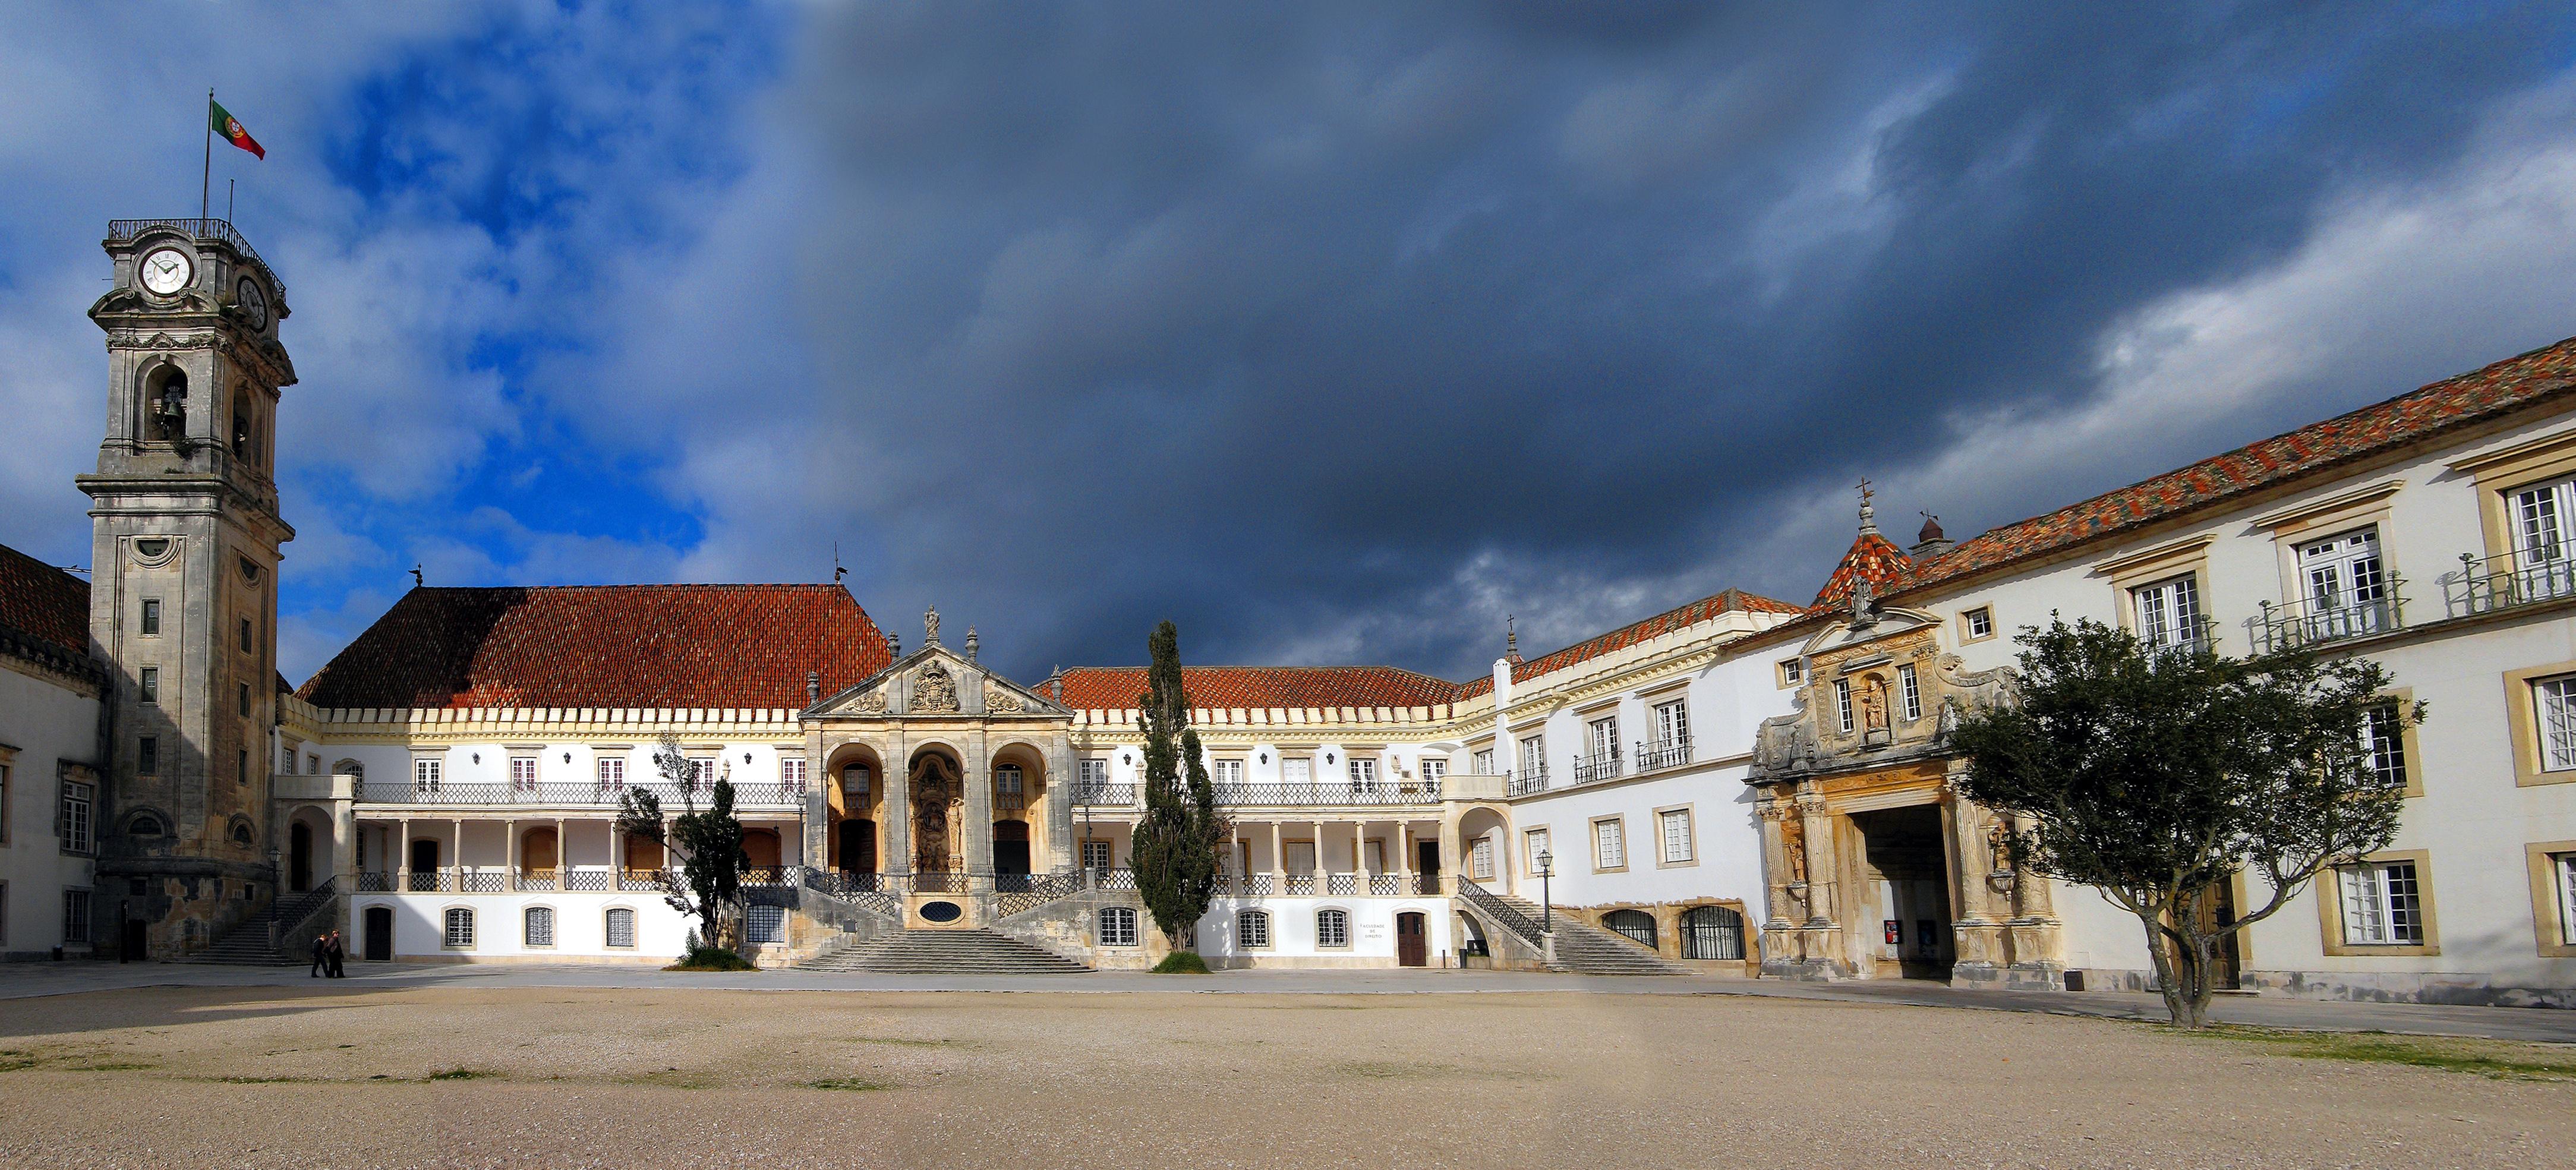 Die Universität von Coimbra zählt zu Europas bedeutendsten Forschungsuniversitäten